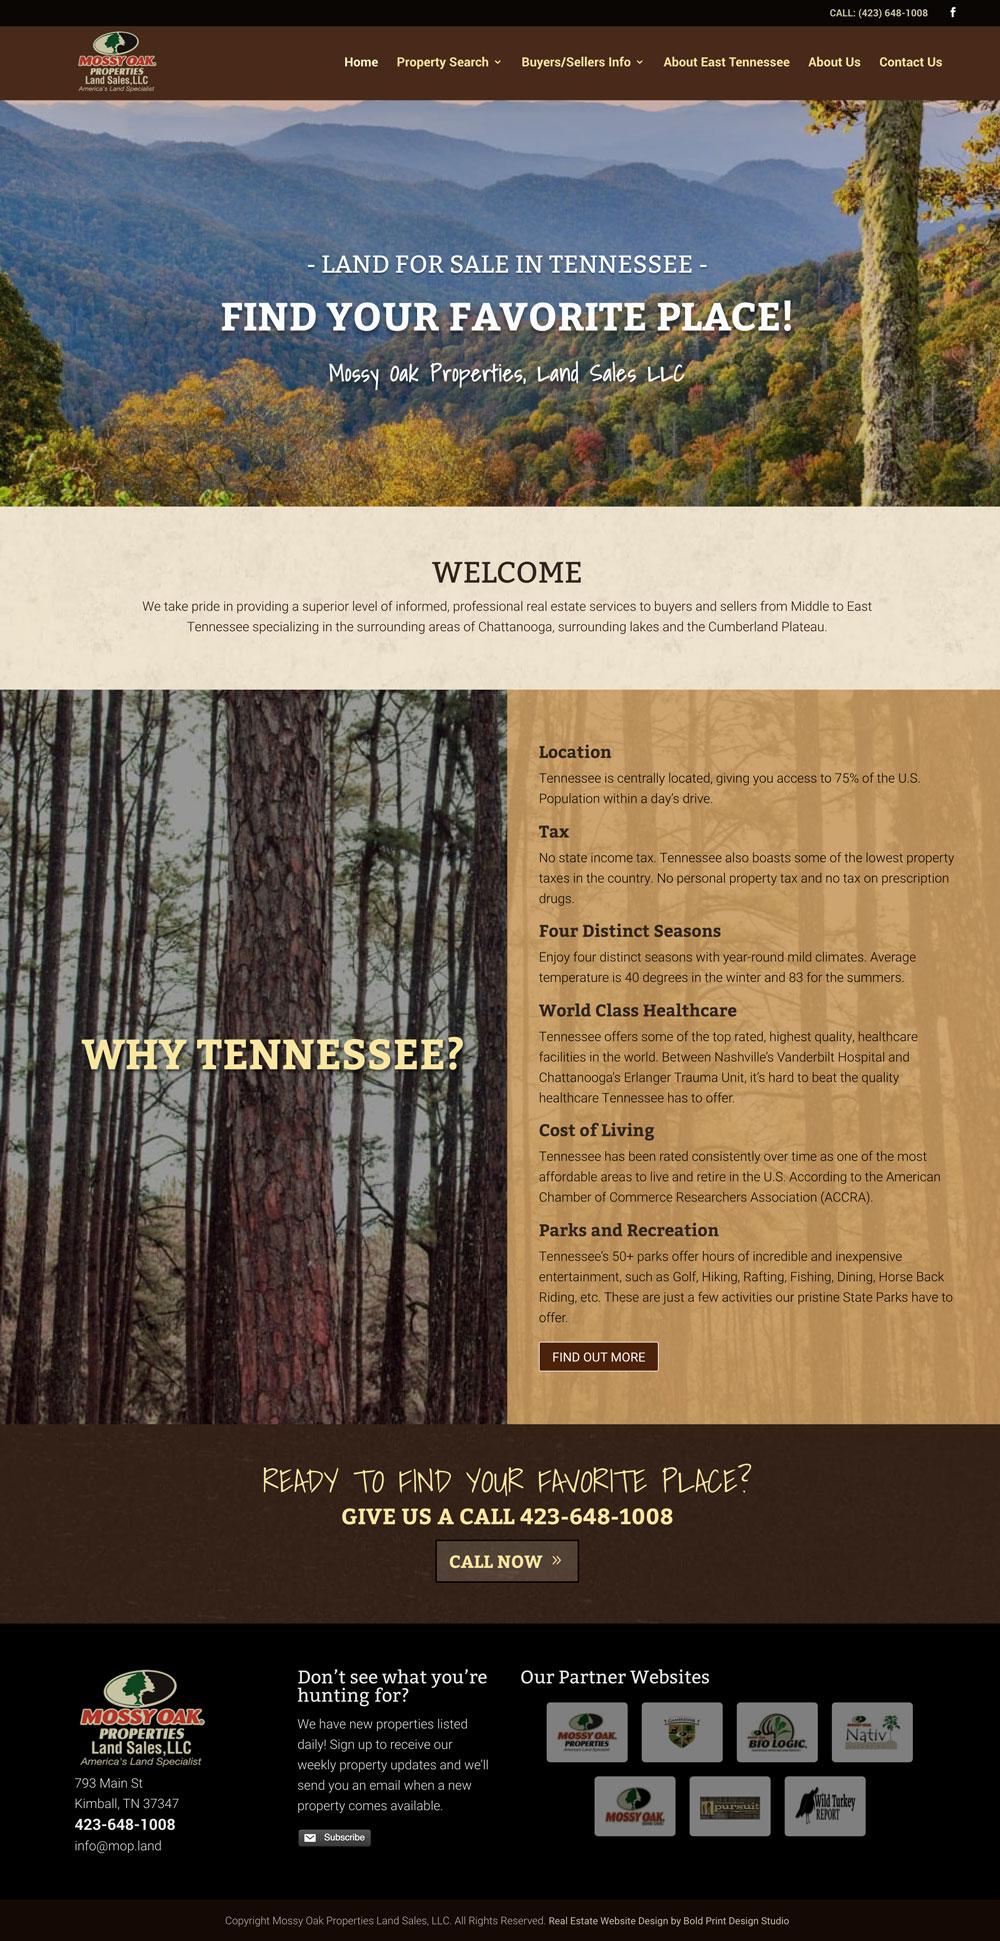 Mossy Oak Properties Land Sales Website